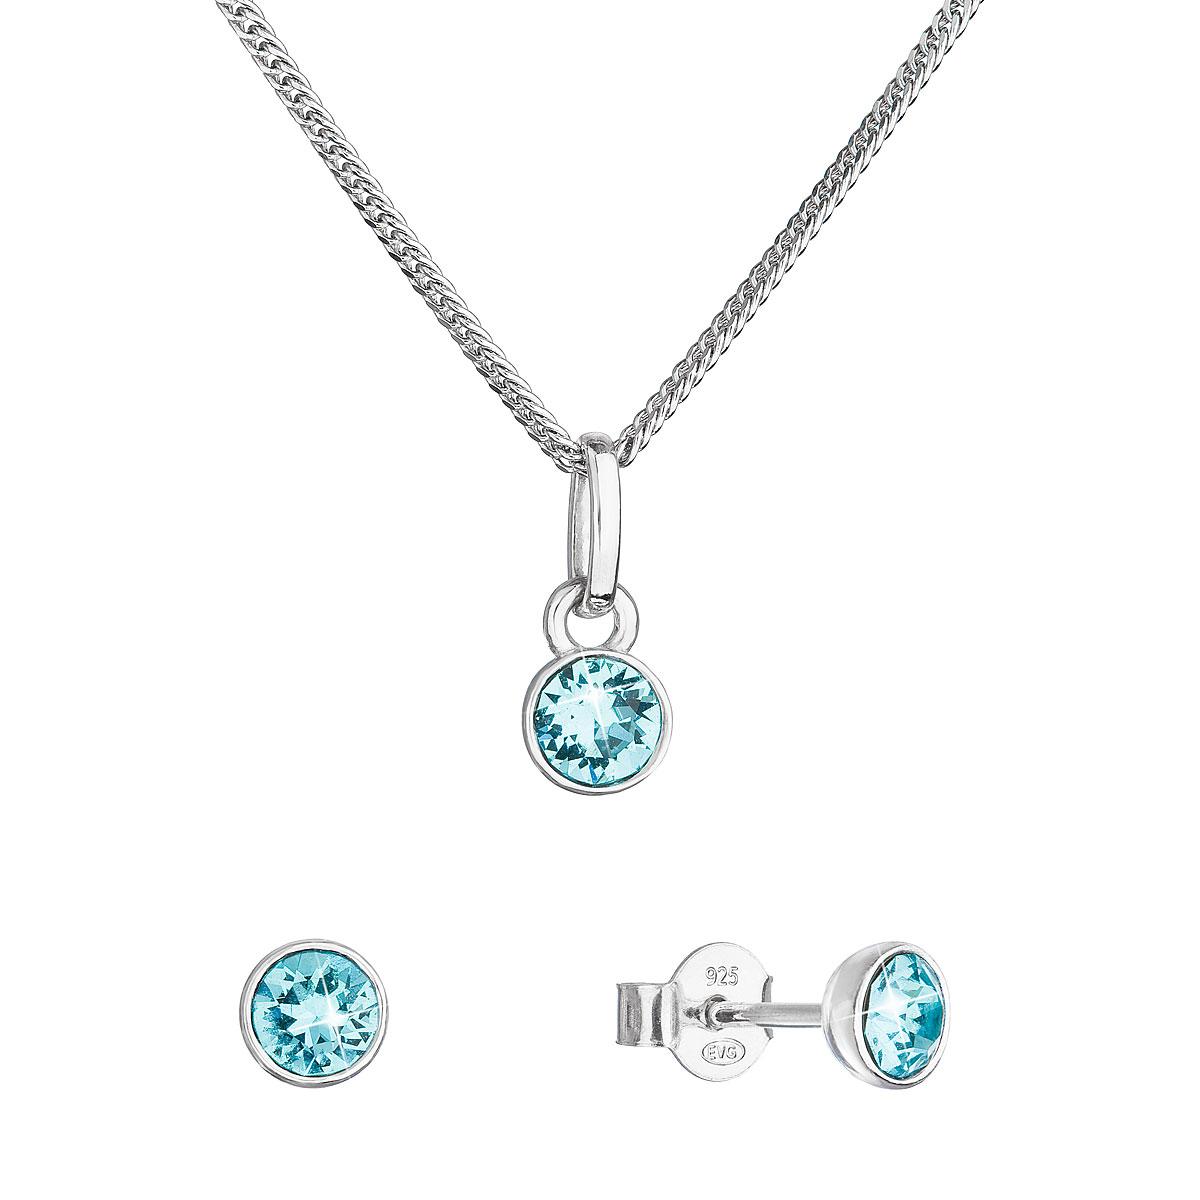 Evolution Group Sada šperků s krystaly Swarovski náušnice, řetízek a přívěsek modré 39177.3 lt. turquoise